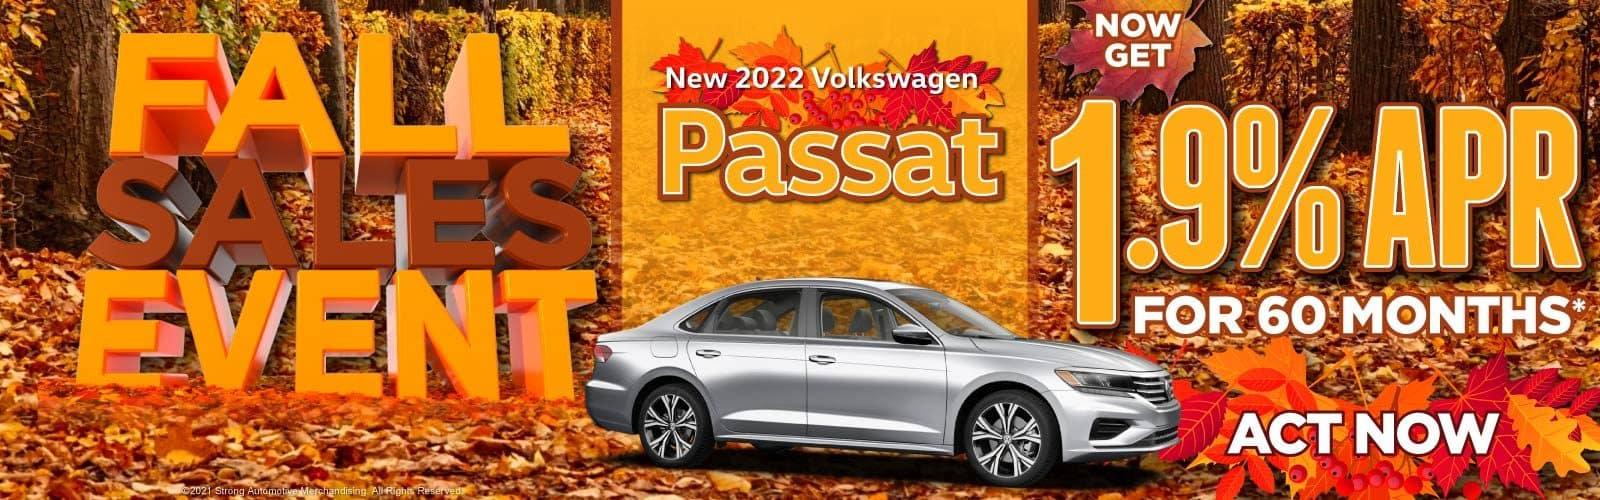 New 2021 Volkswagen Passat - Now Get 1.9% APR for 60 Months — ACT NOW